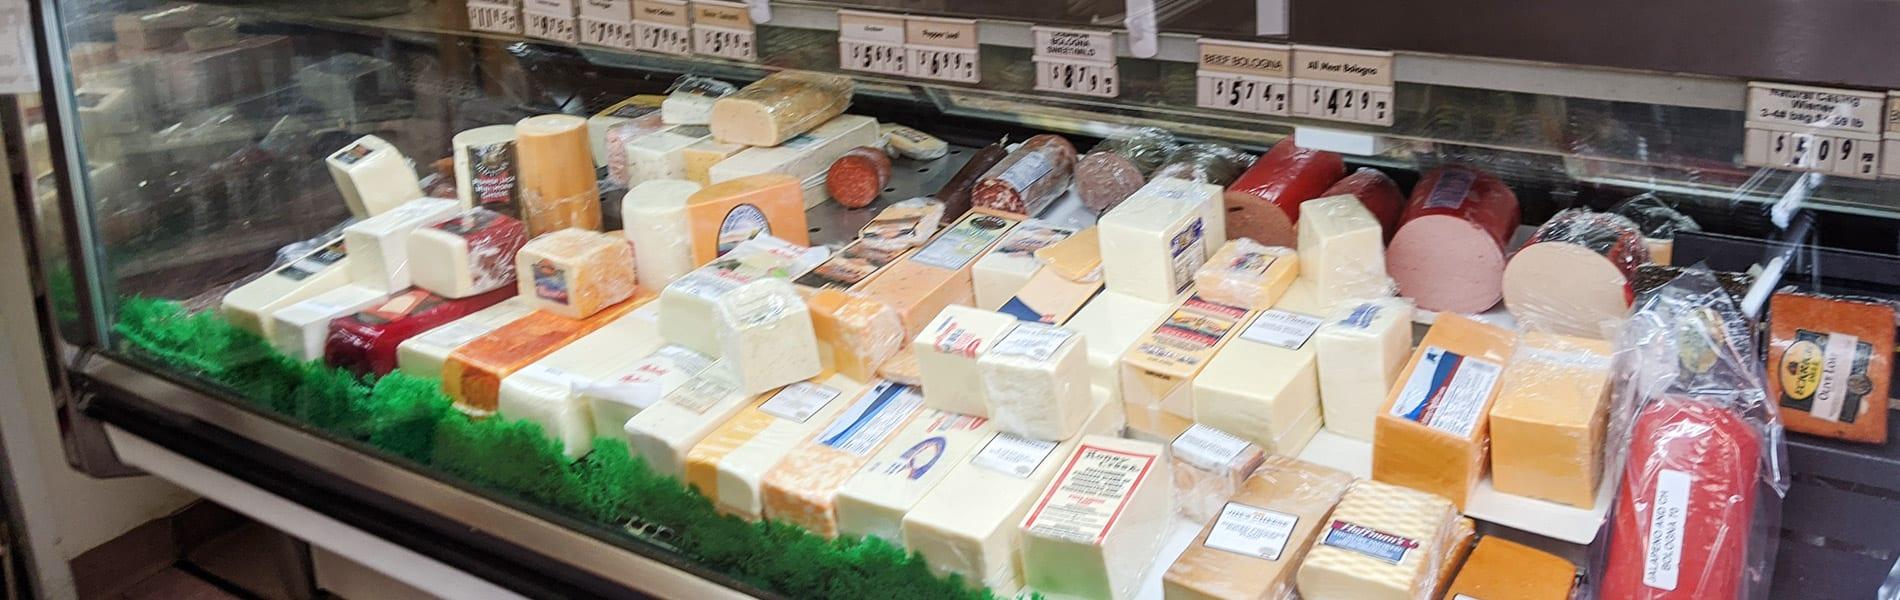 cheese bundles troy illinois